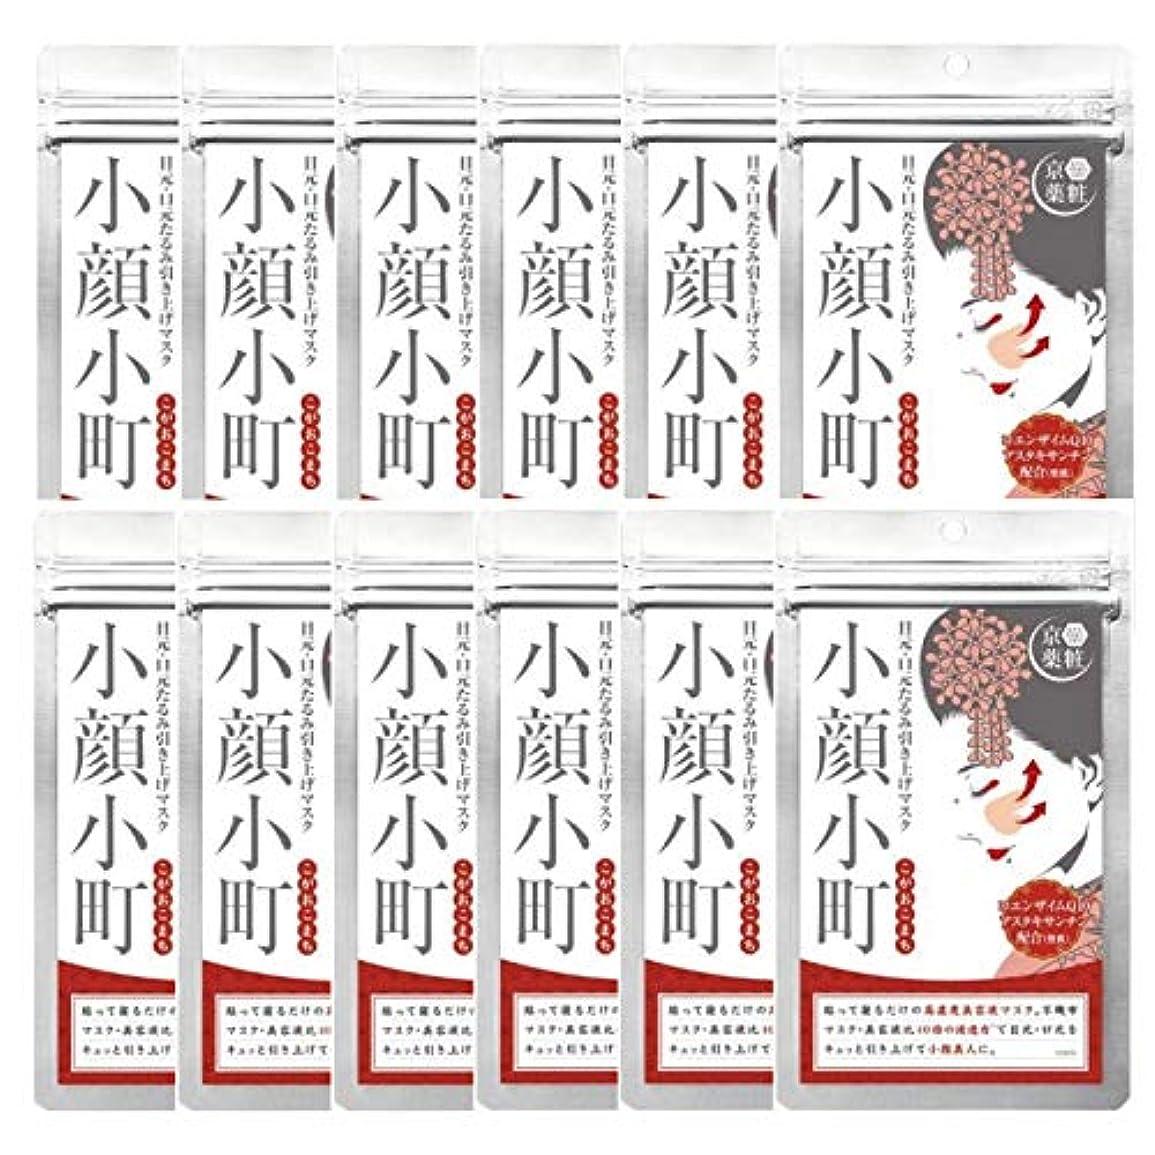 ストリップ絶対の首相京薬粧 小顔小町 リフトアップマスク ×12セット